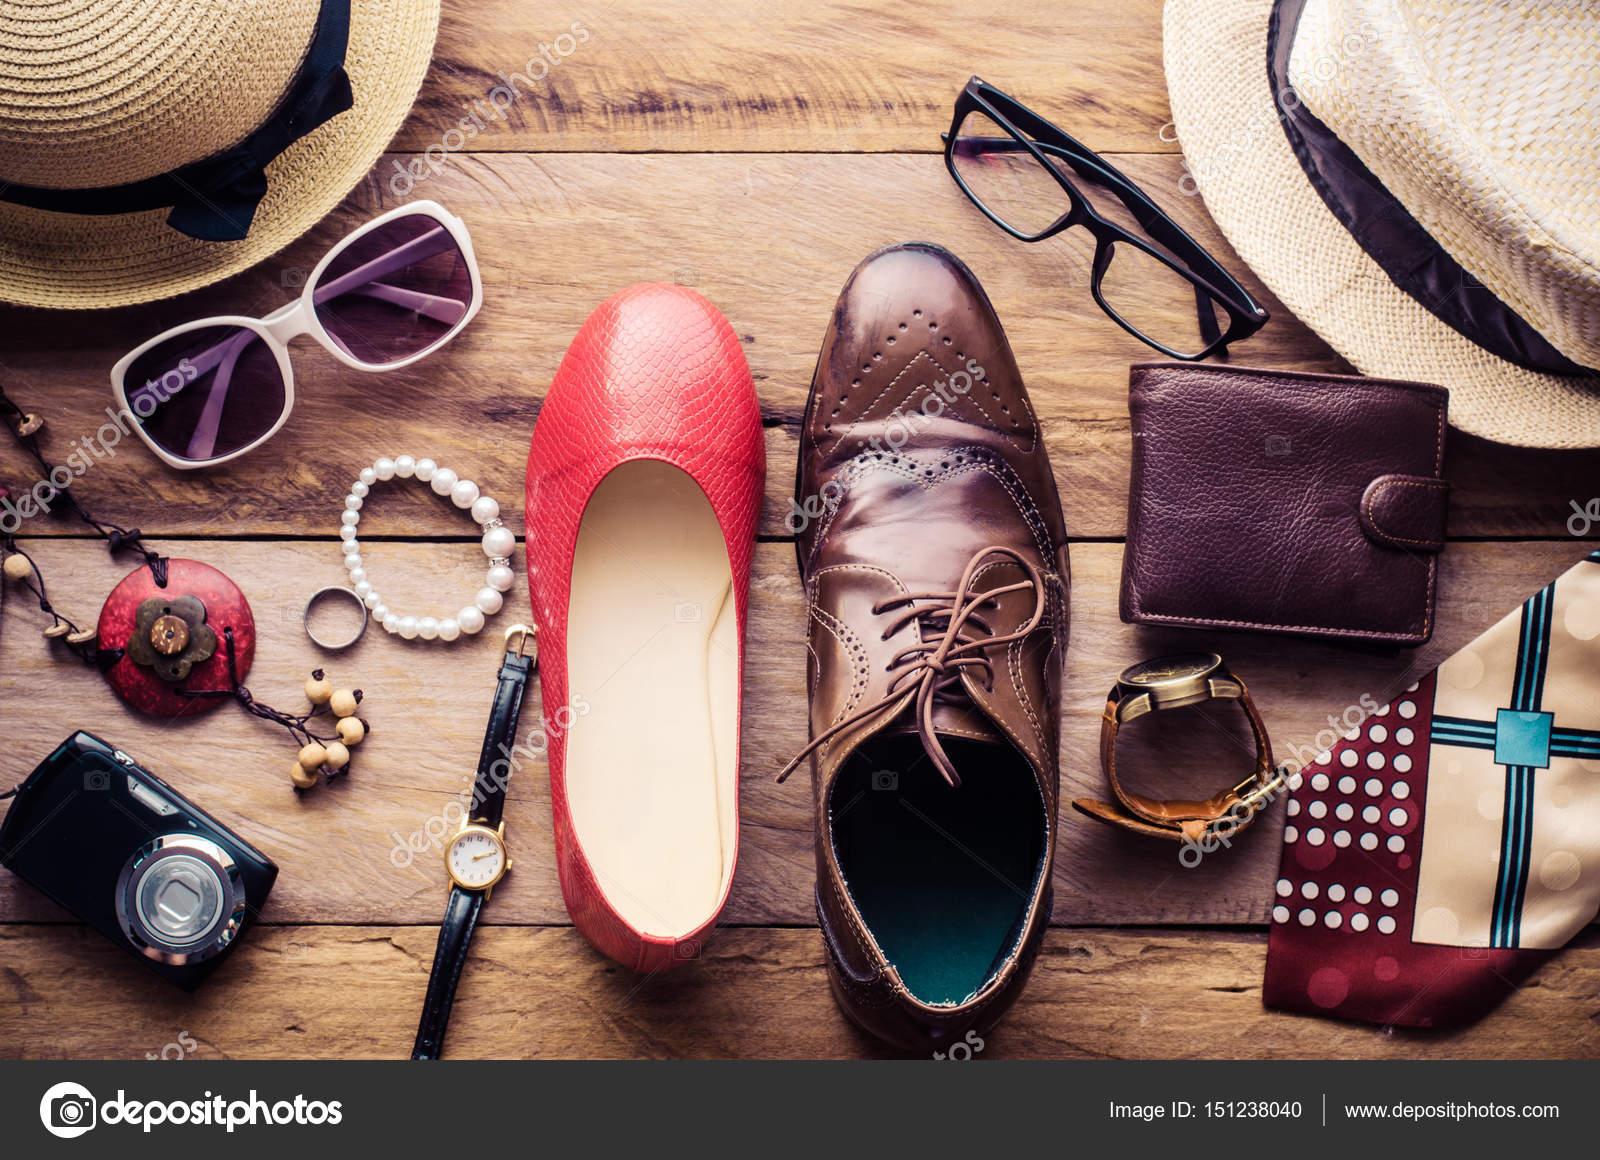 Garantía de calidad 100% más baratas último estilo Imágenes: accesorios para hombres y mujeres | Ropa y ...